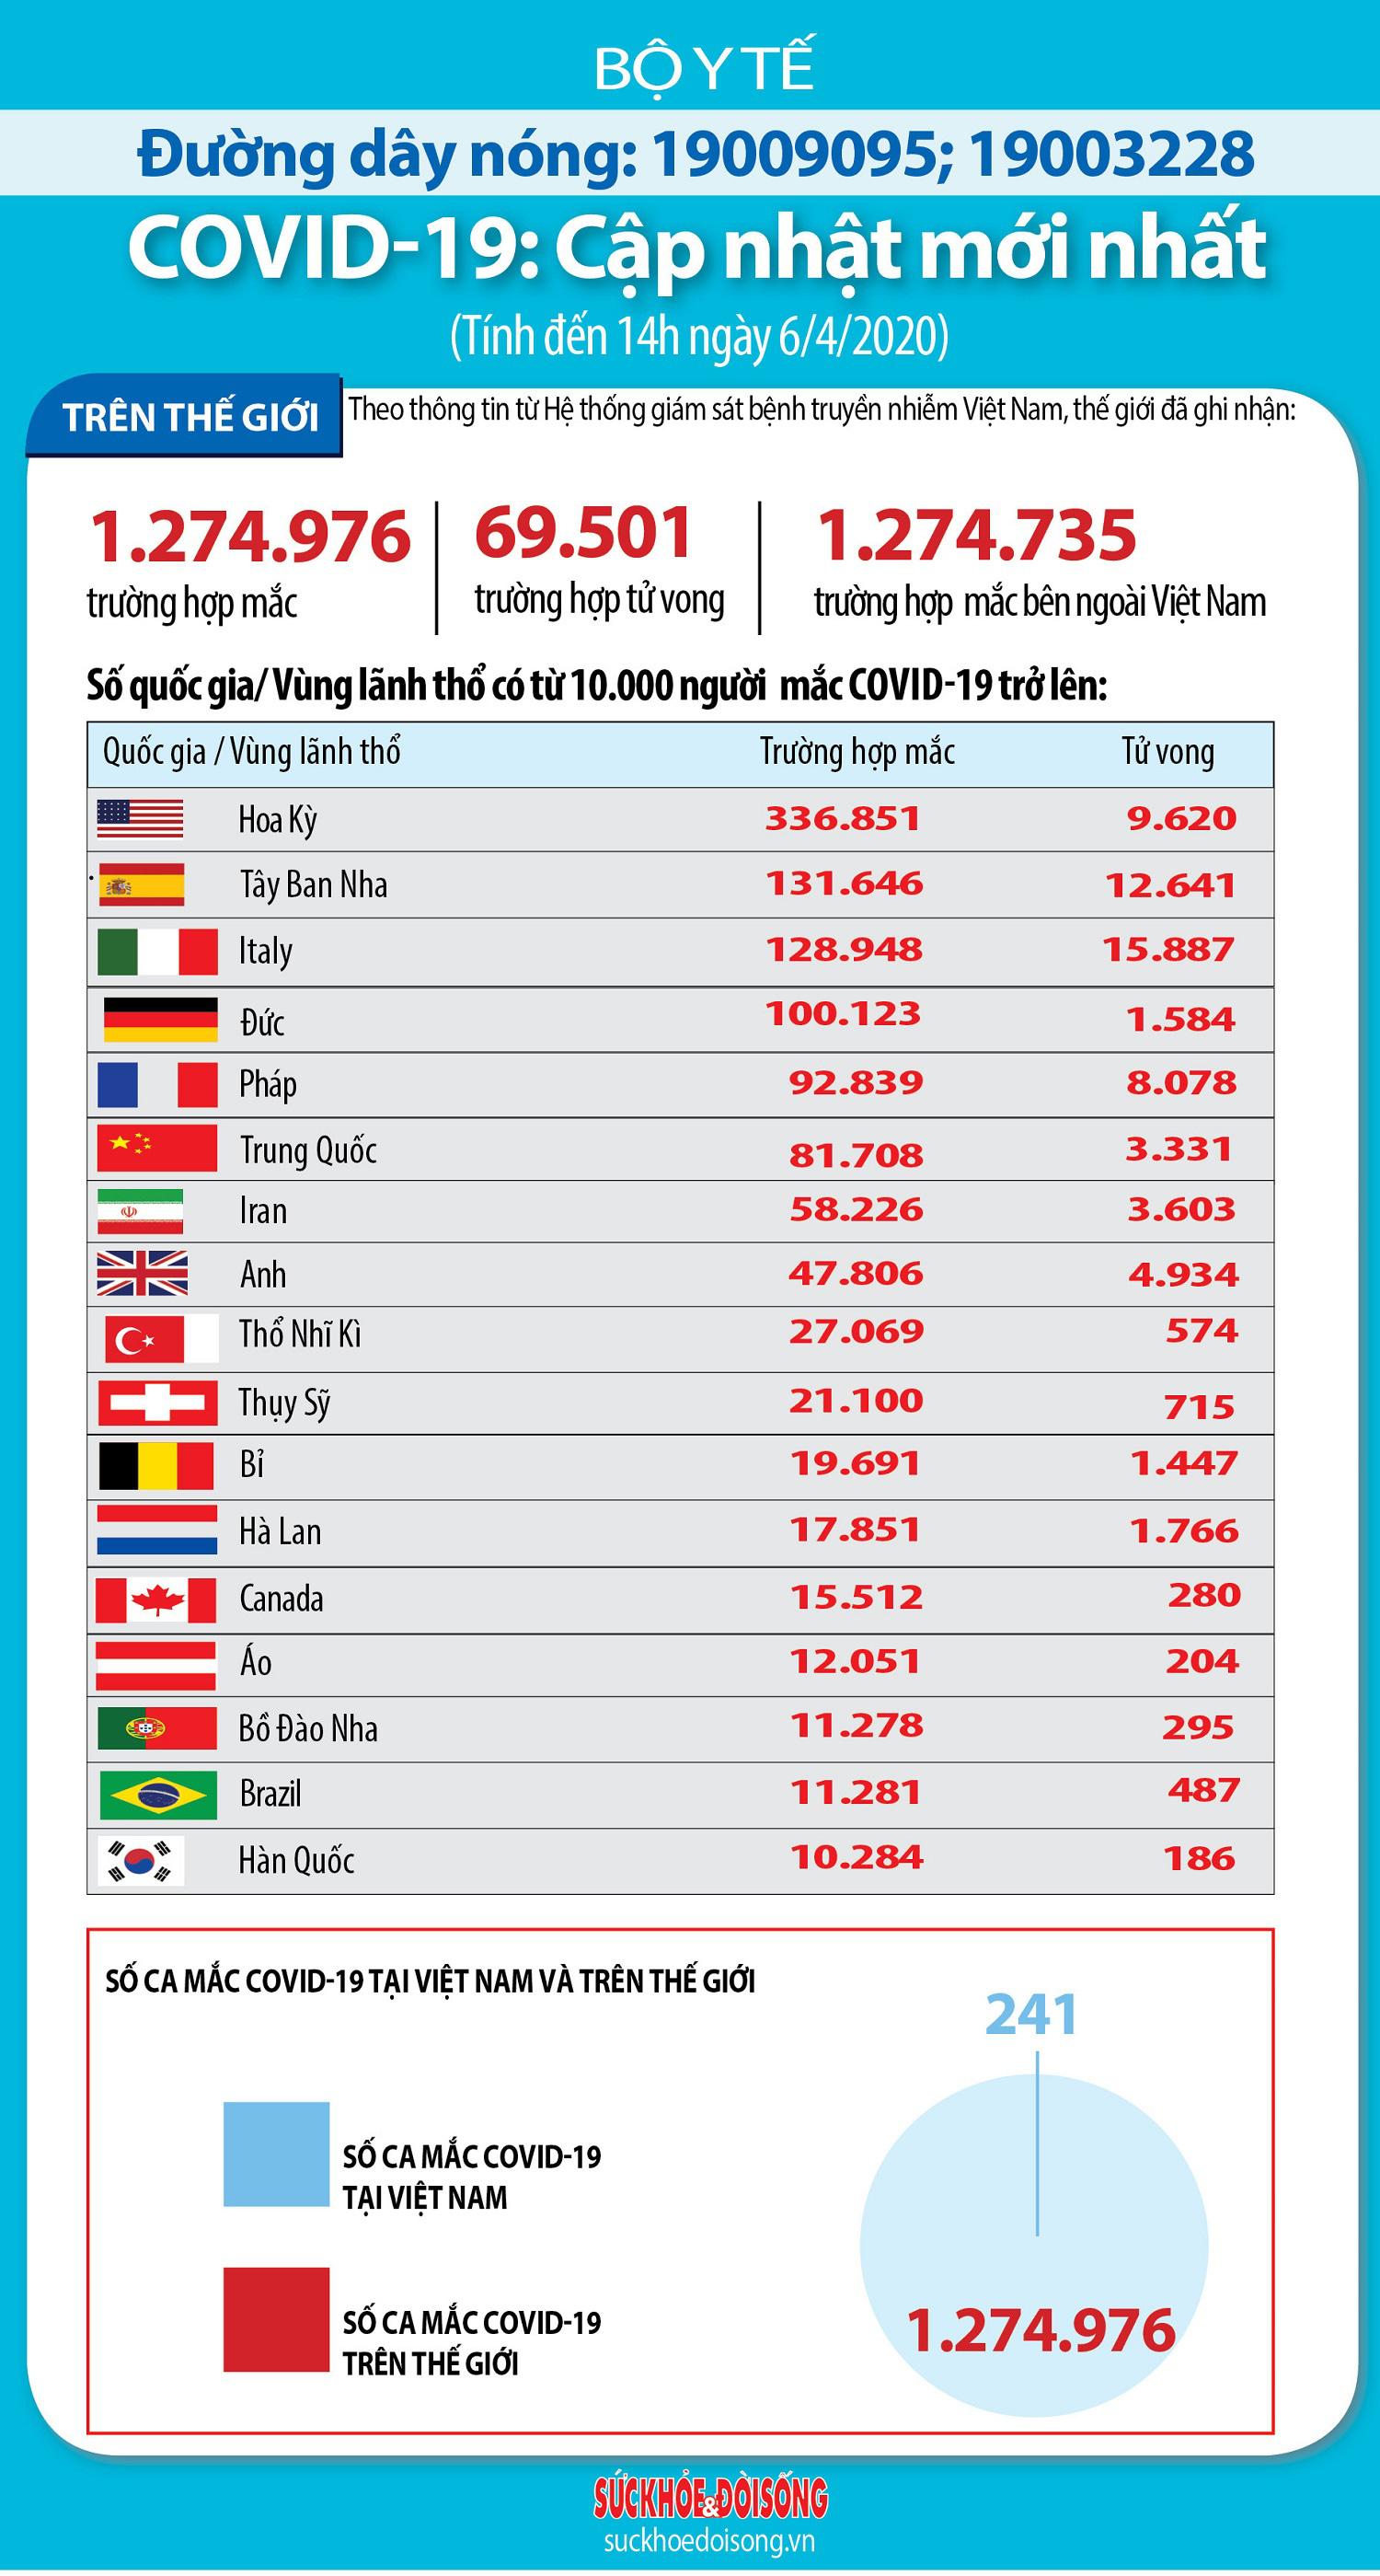 Cập nhật dịch Covid-19 trên thế giới ngày 6/4: Số ca tử vong ở Italy thấp nhất trong hai tuần, Nhật Bản sắp ban bố tình trạng khẩn cấp - Ảnh 1.